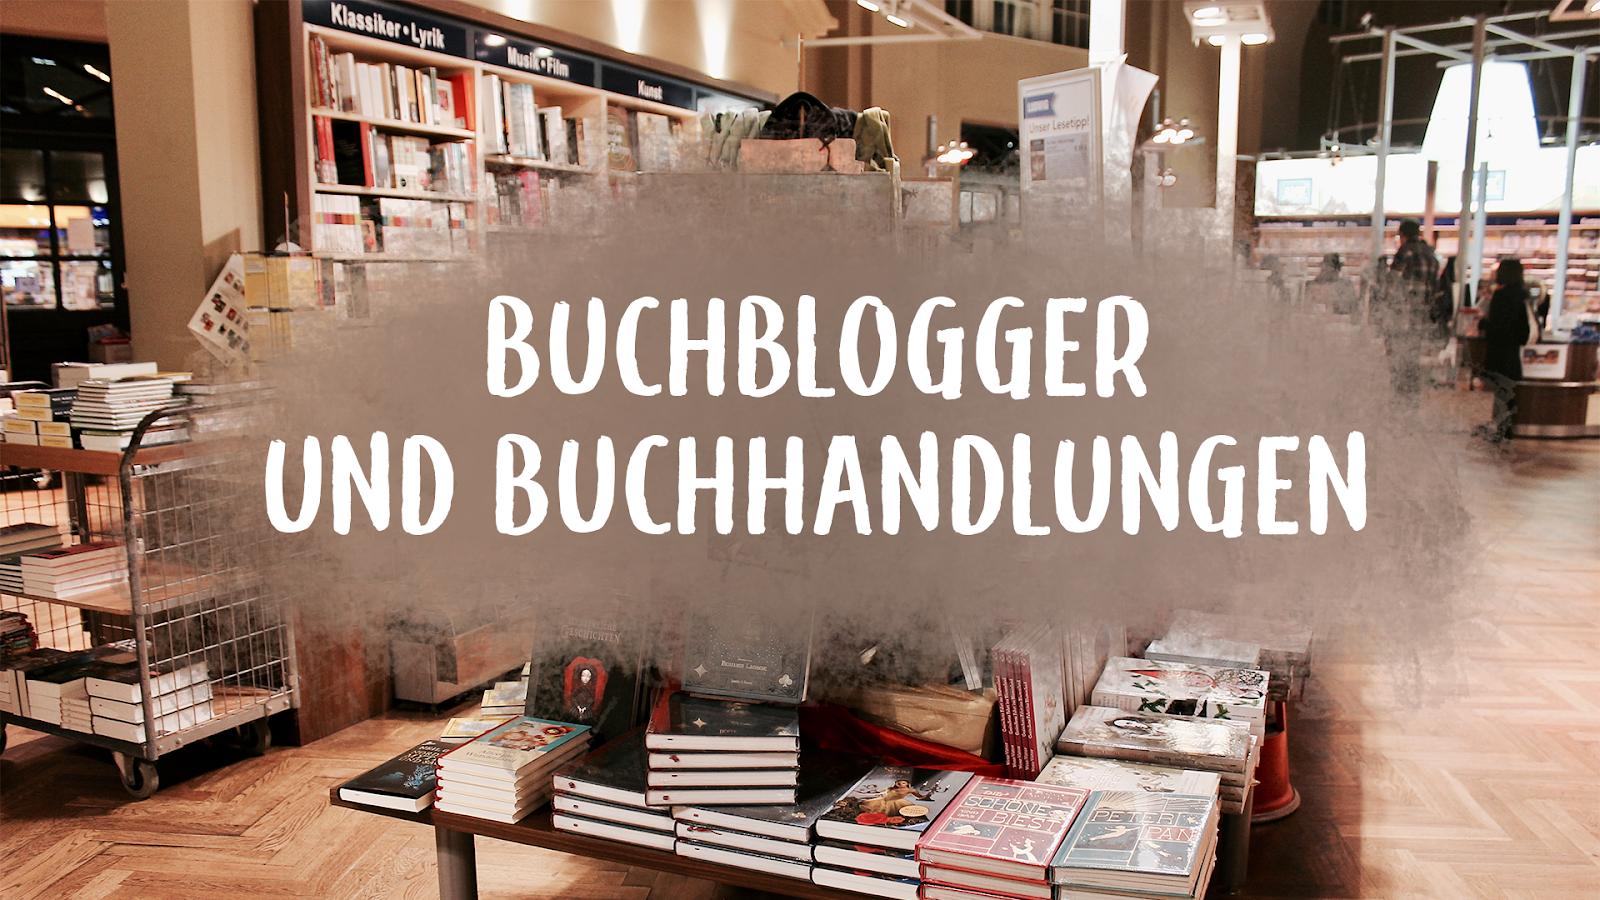 Buchblogger und Buchhandlungen | #4 Ist-Situation und Zukunftsprognosen